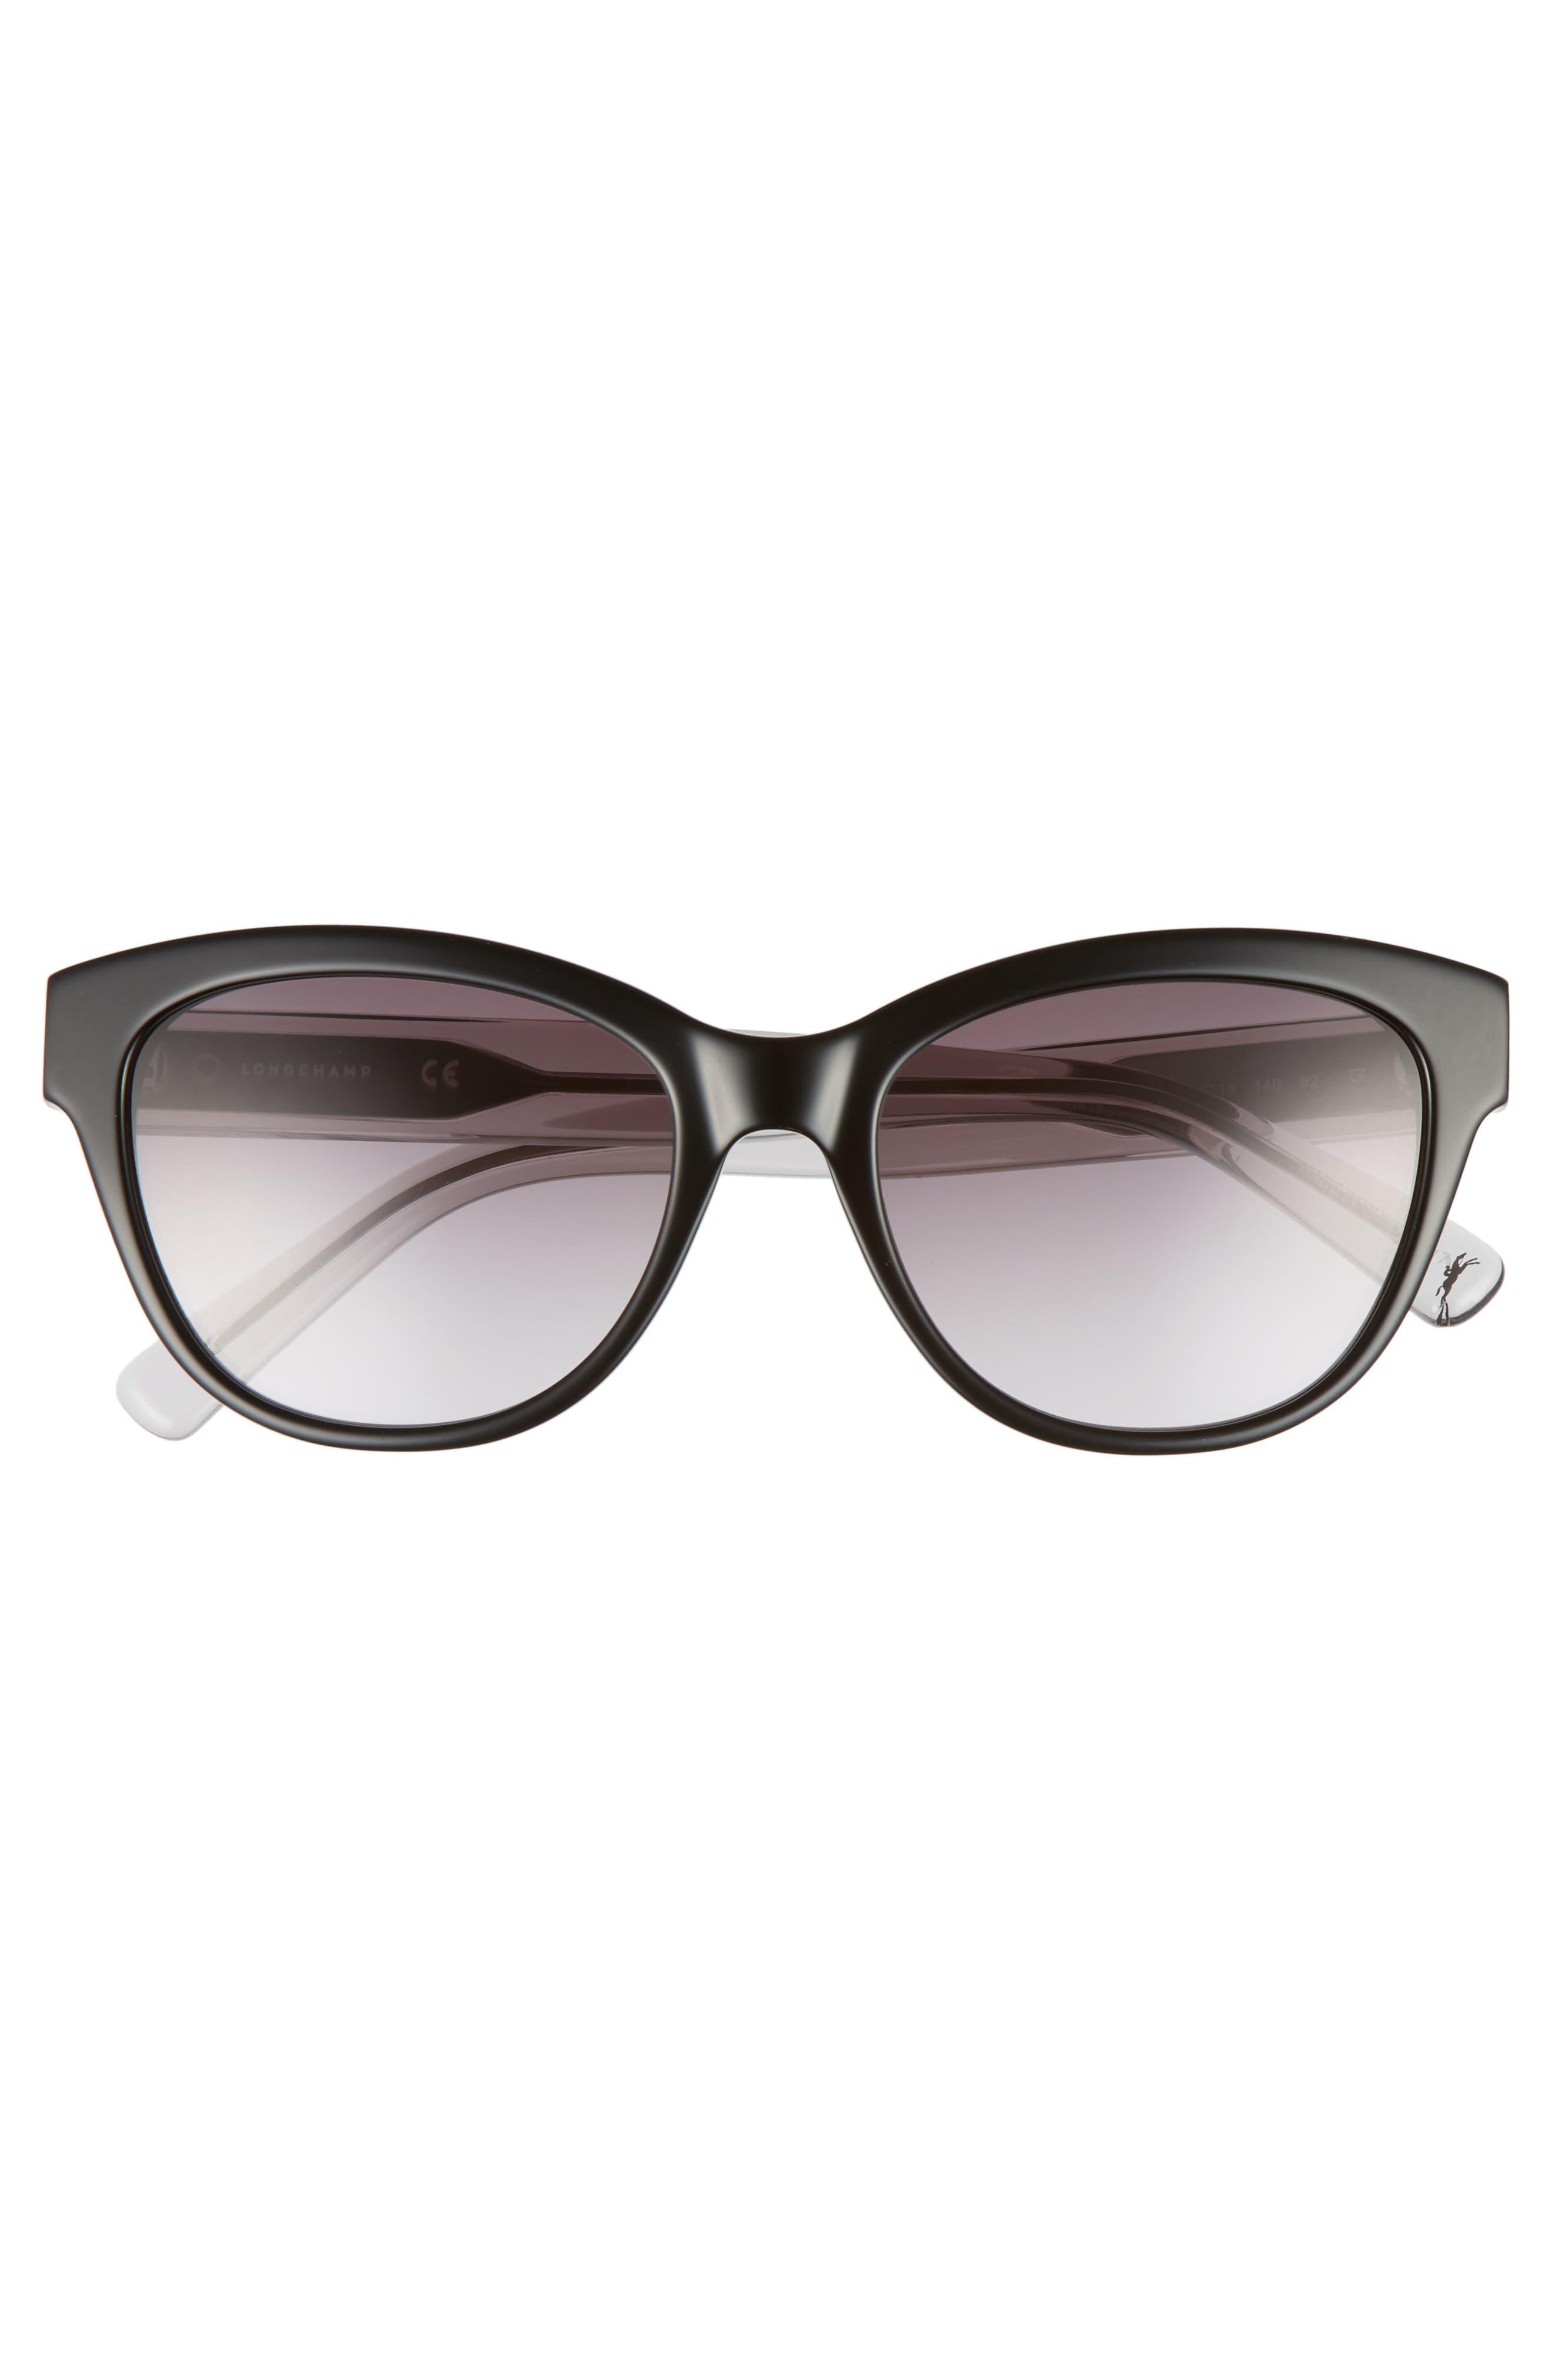 54mm Gradient Lens Sunglasses,                             Alternate thumbnail 3, color,                             001